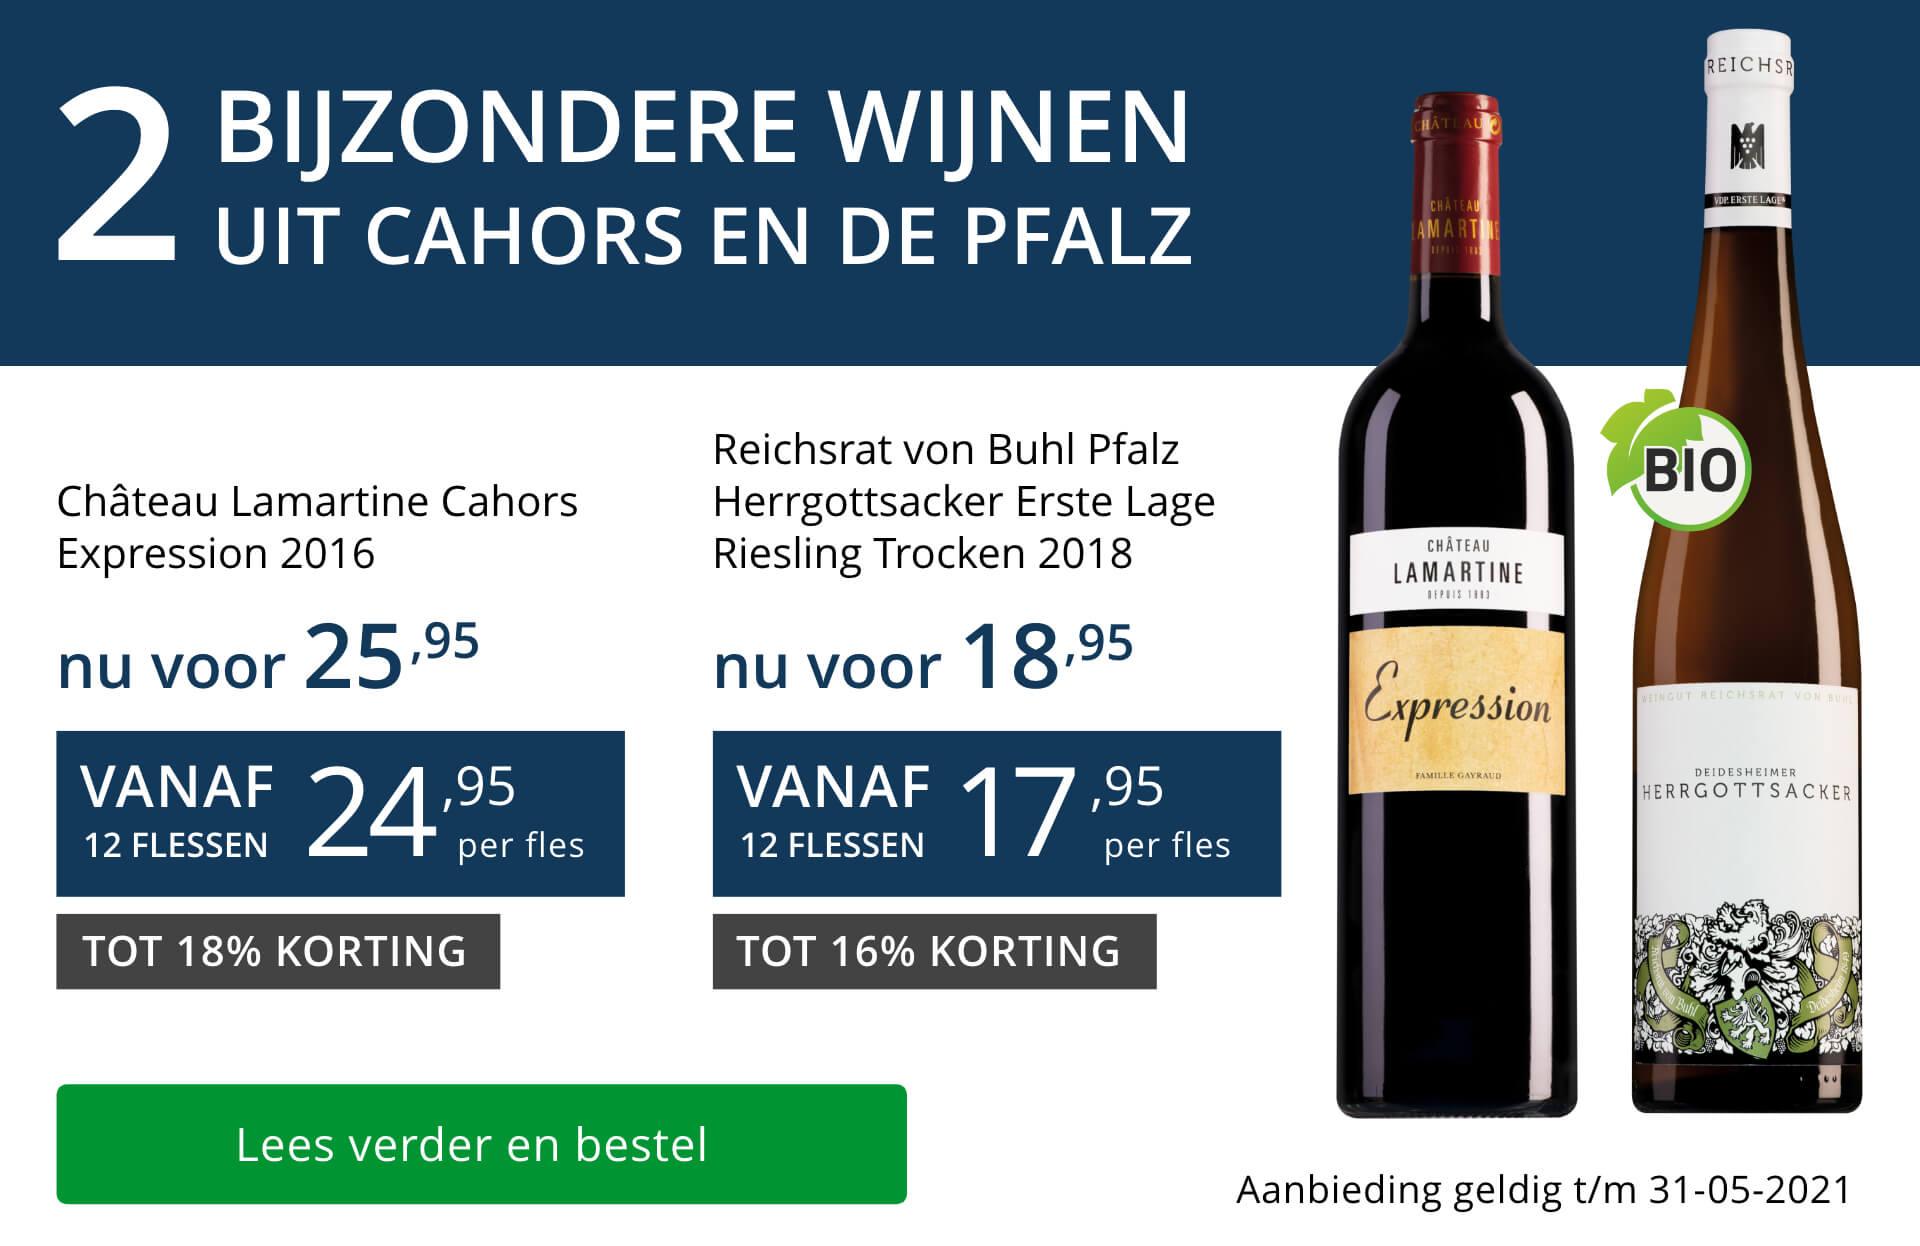 Twee bijzondere wijnen mei 2021 - blauw